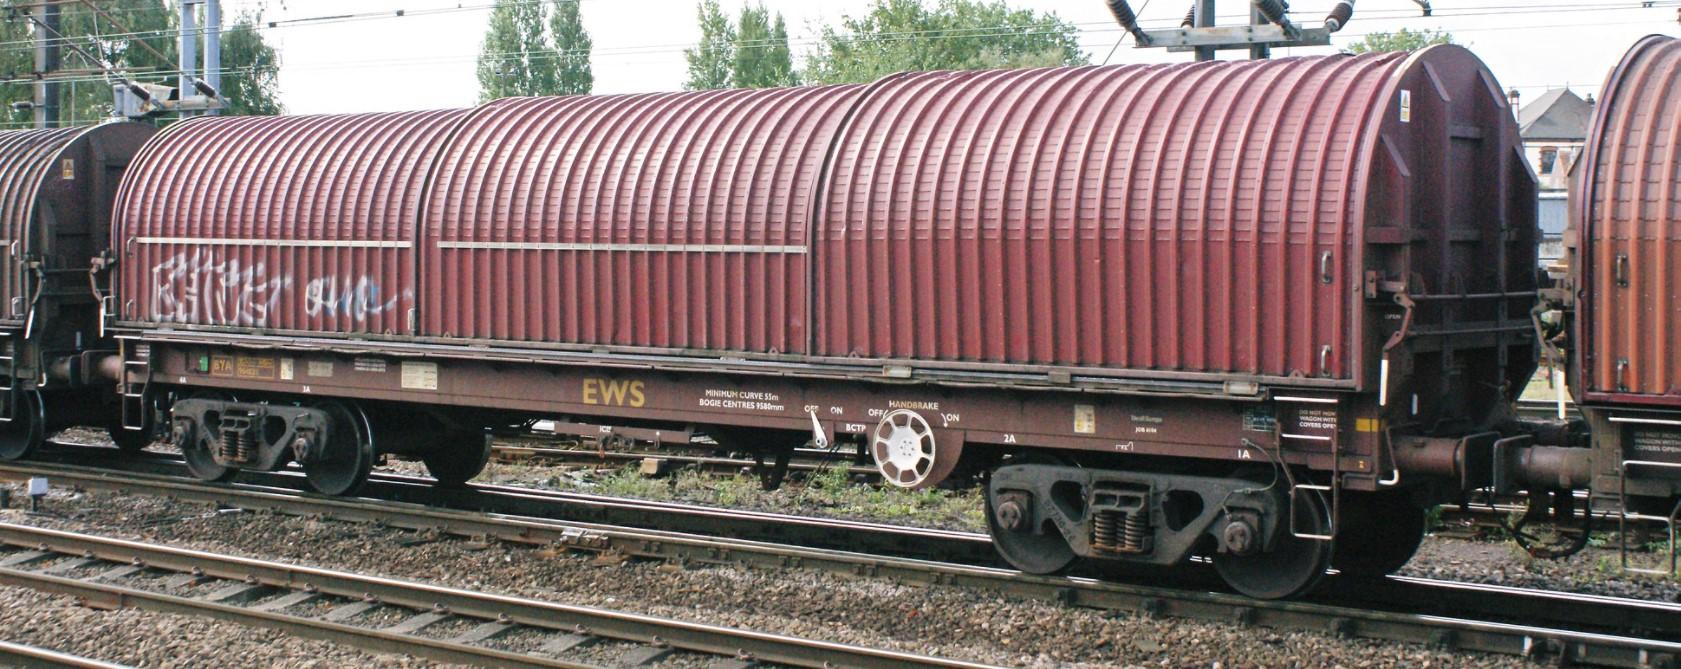 BRA 964020 at Doncaster in September 2008. ©Hugh Llewelyn